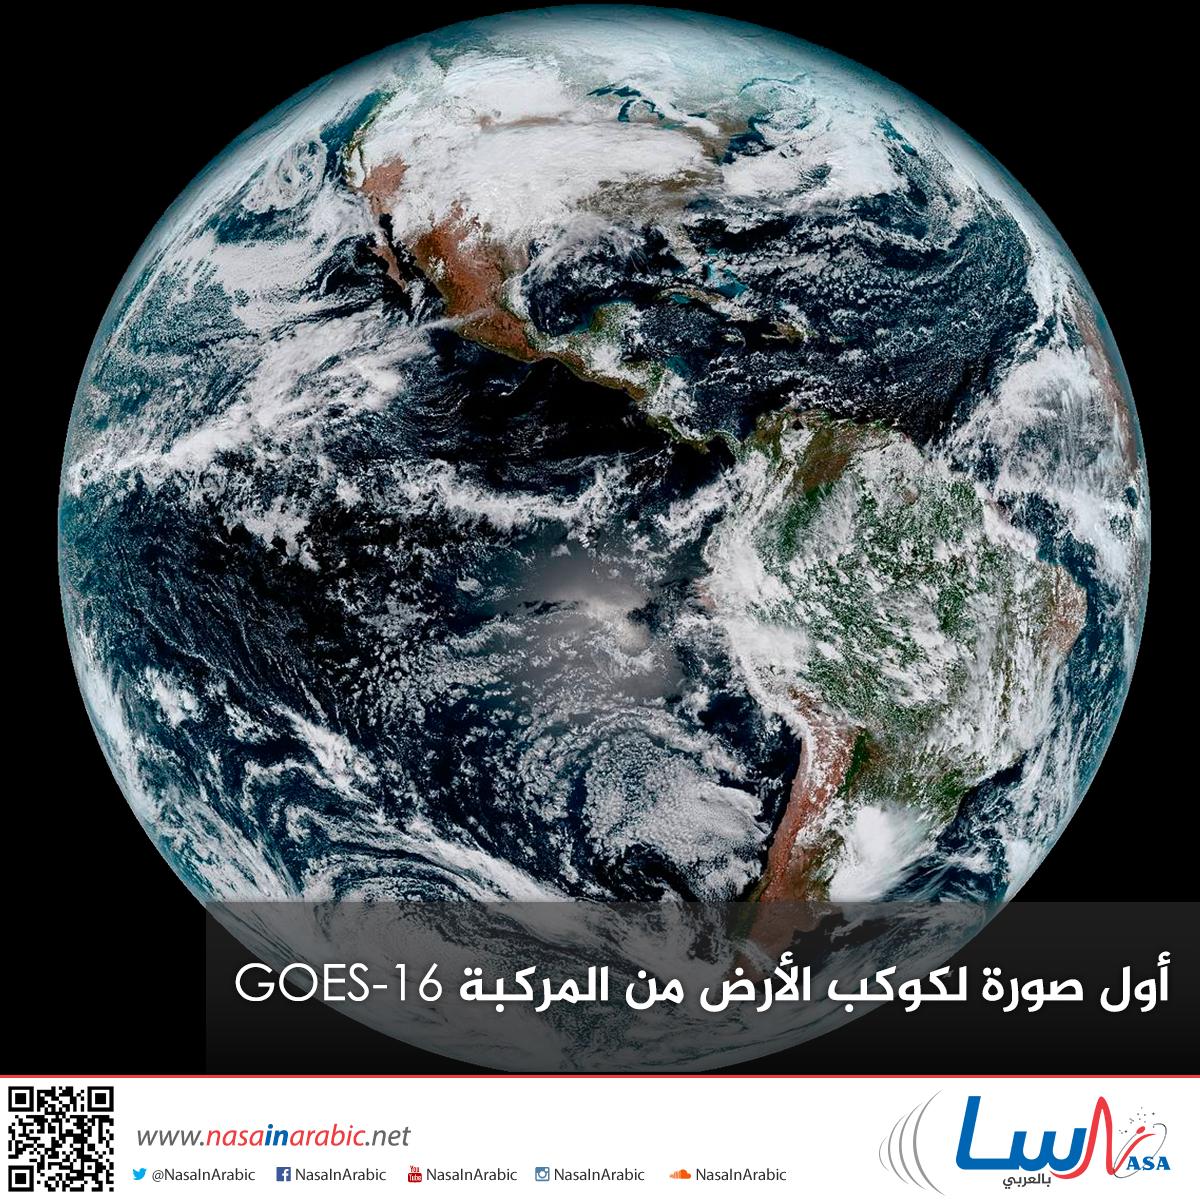 أول صورة لكوكب الأرض من المركبة GOES-16